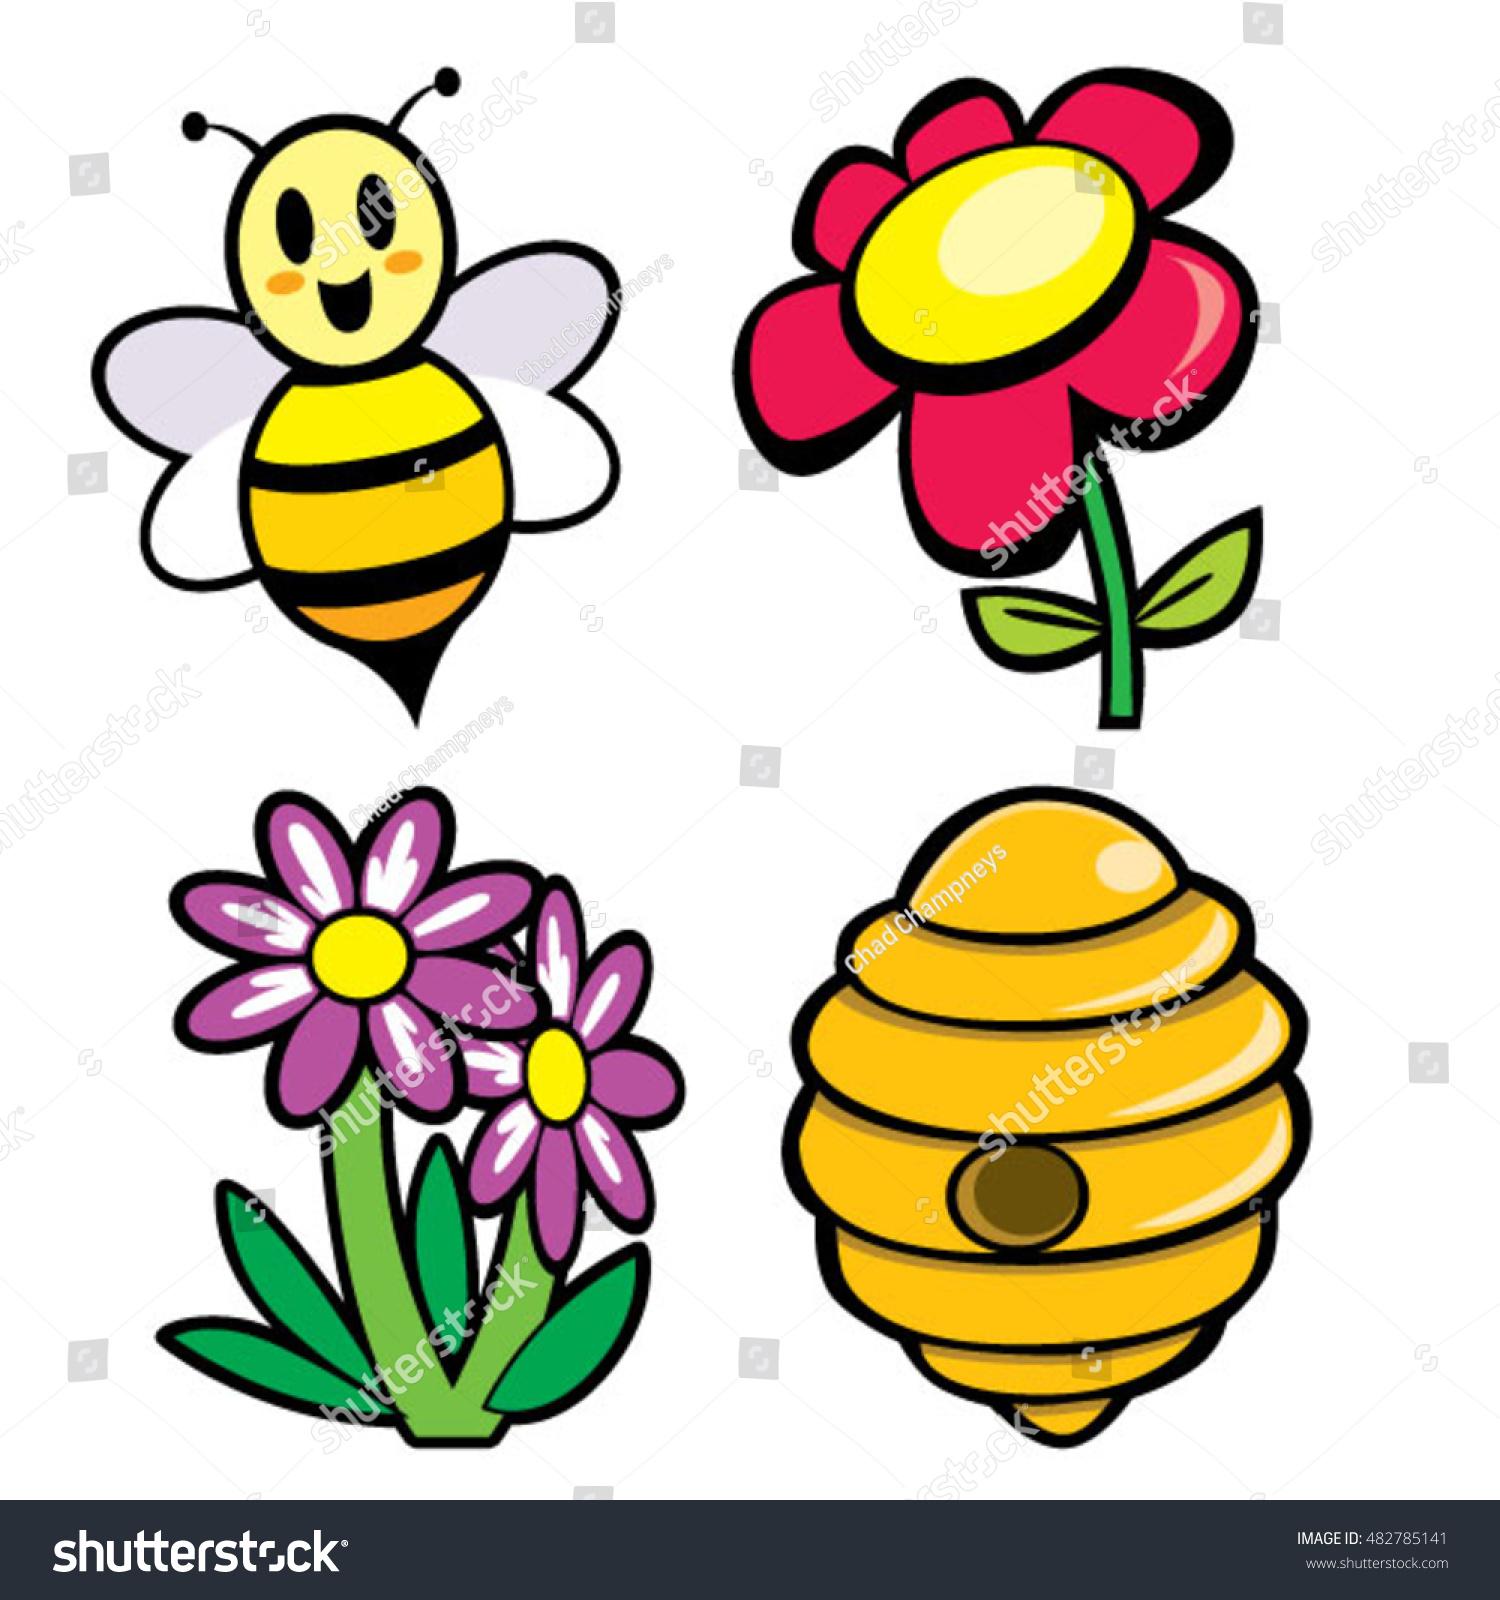 cute honey bee flowers hive cartoons stock vector 482785141